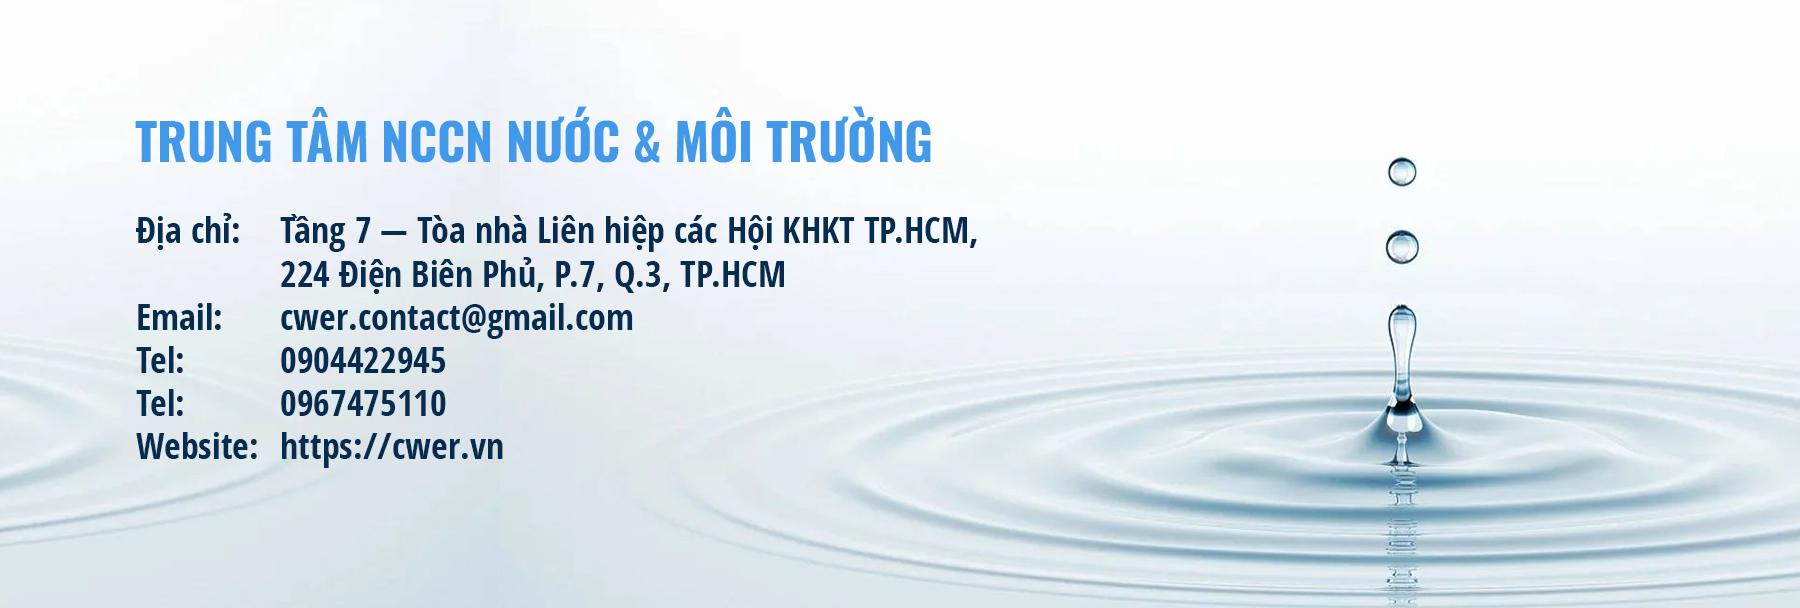 TRUNG TÂM NCCN NƯỚC & MÔI TRƯỜNG CWER